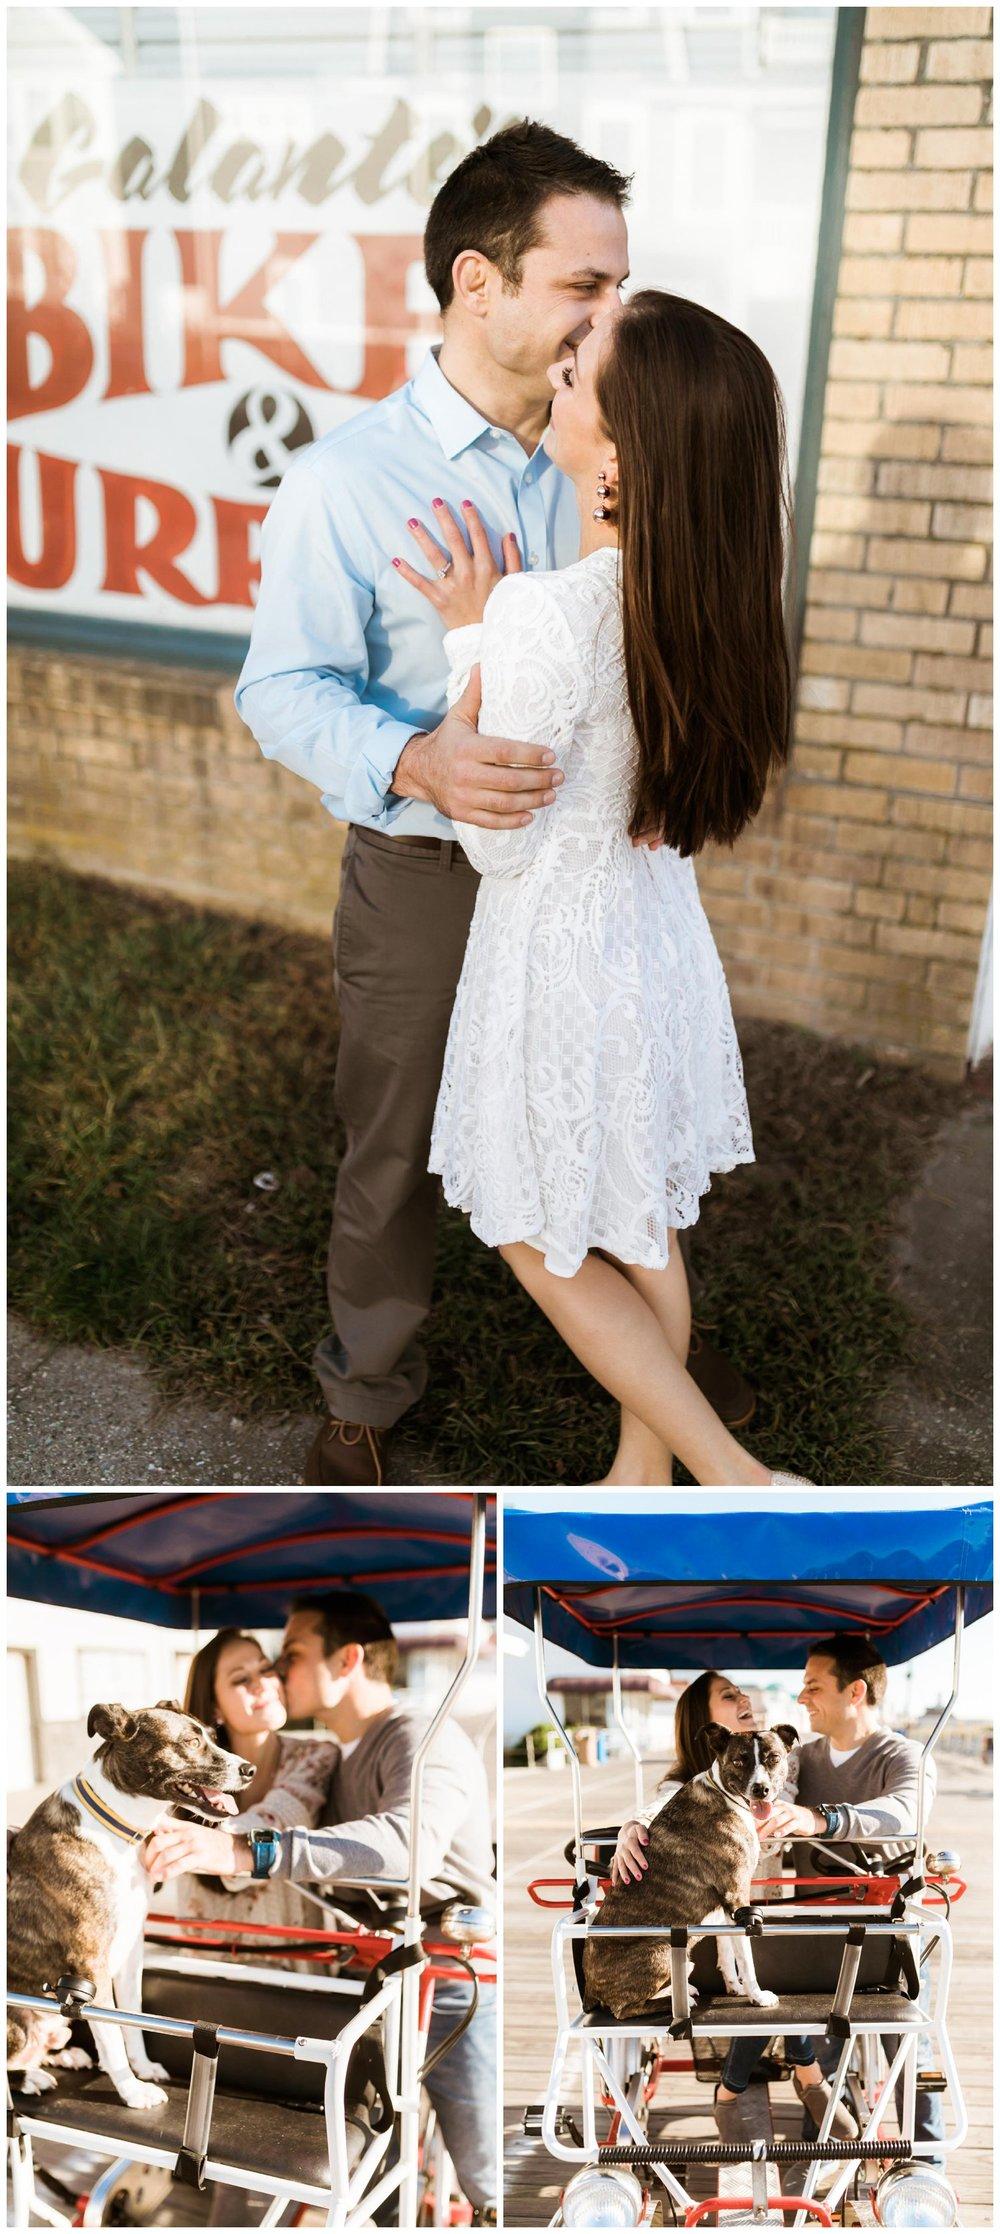 CarissaandJoe_NewJerseyEngagement_Engagement_OceanCity_NJ_Wedding_Photographer_MagdalenaStudios_0398.jpg